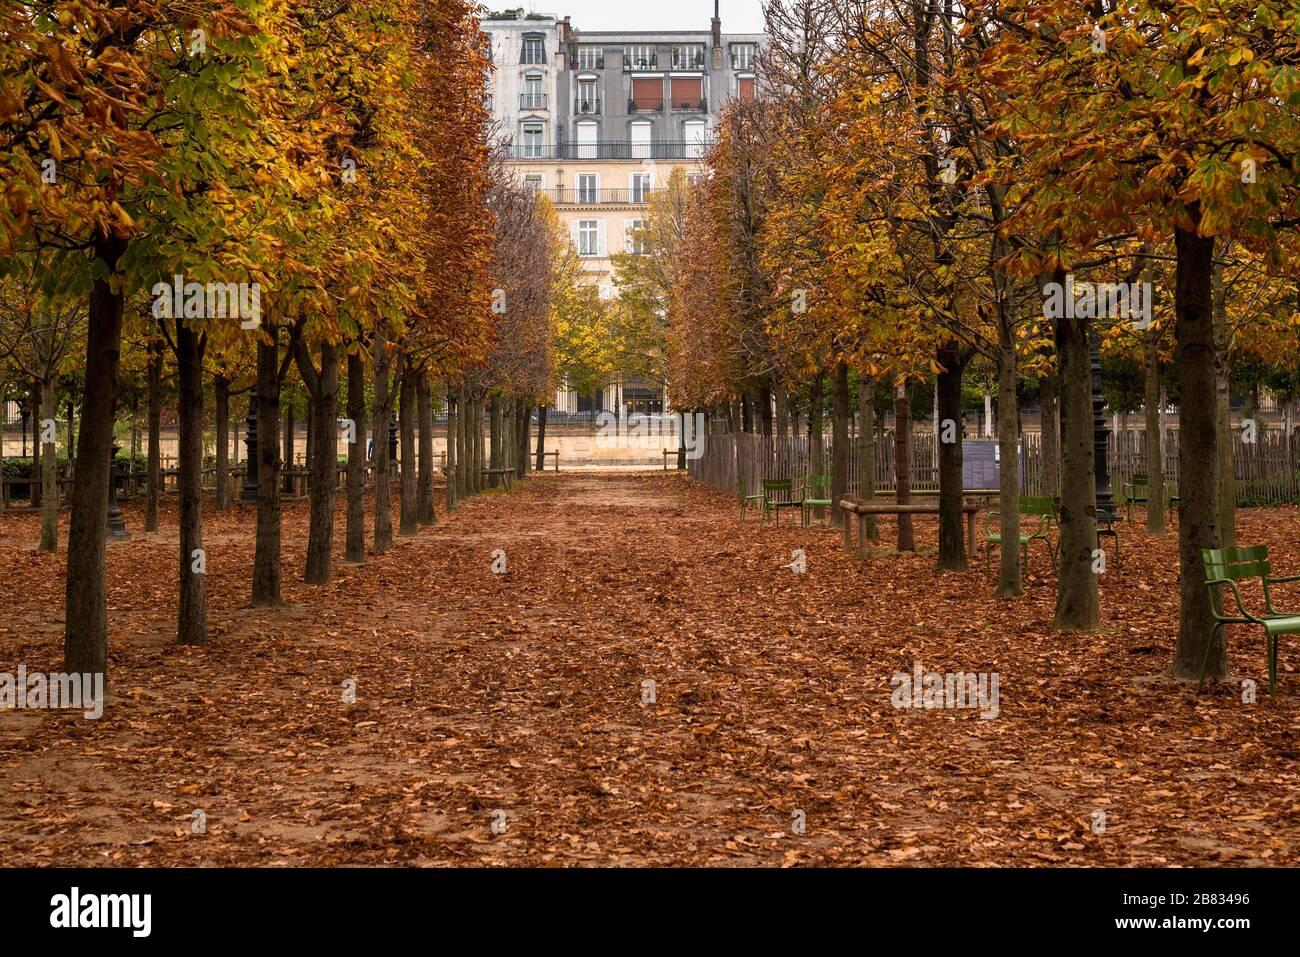 Foto de un camino a través de árboles que derraman sus hojas en otoño en los Jardines de las Tullerías de París, Francia. Foto de stock